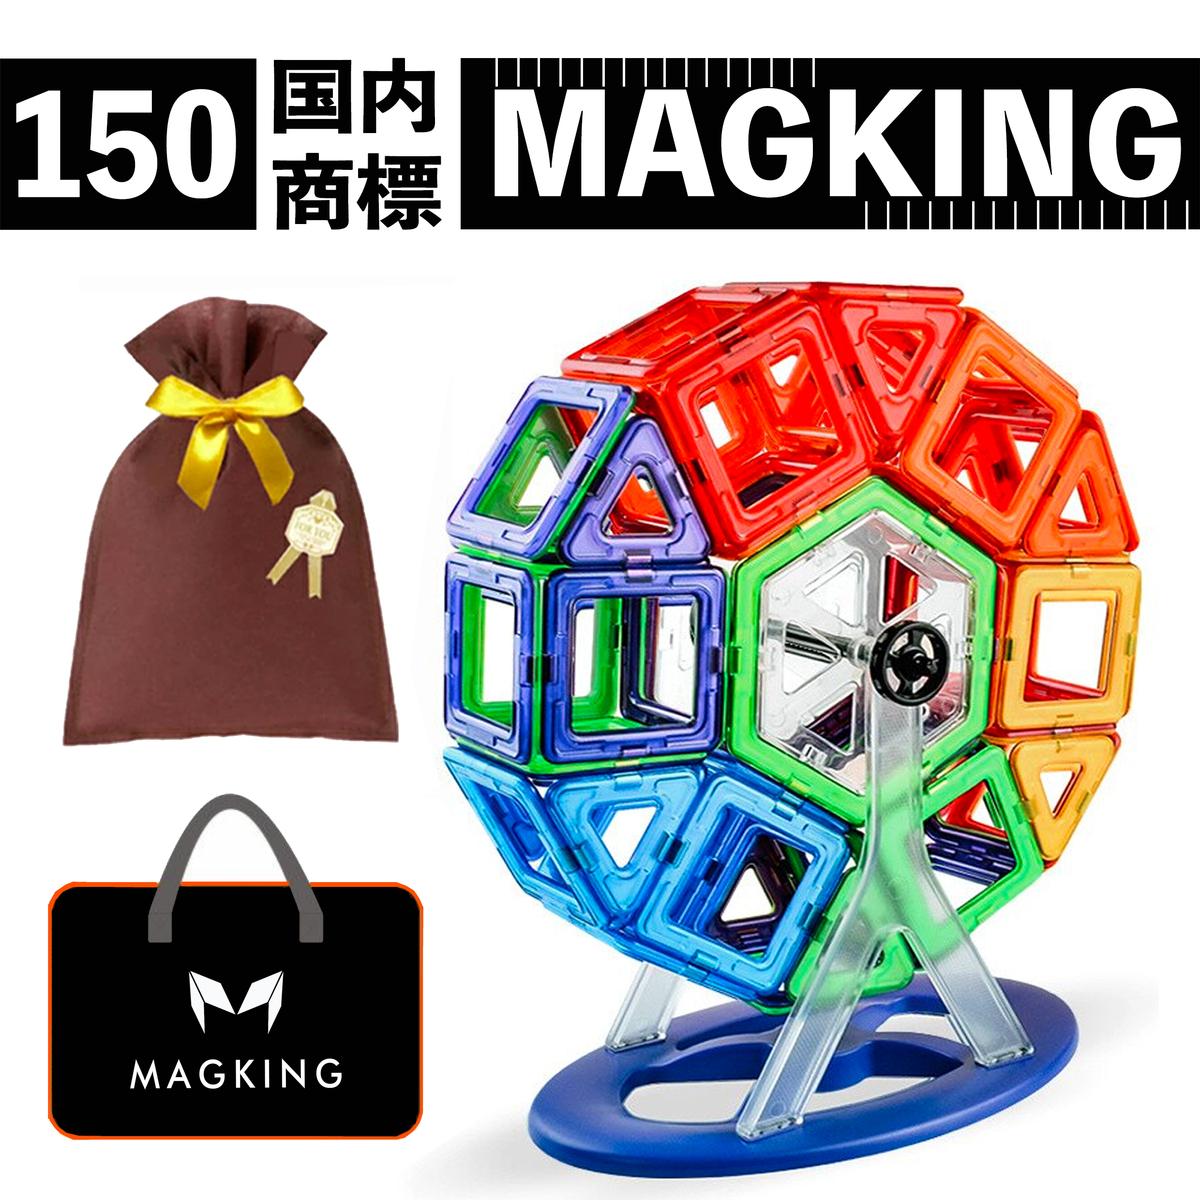 超定番 商品名称:MAGKING 磁石ブロック150使用年齢:三歳以上知育玩具 食品検査済商標登録:国内商標 正規品 即納送料無料! 自社高水準同類補充;マグフォーマー にも互換性持ち 優良ショップ受賞 150pcs マグネット ブロック マグネットブロック おもちゃ 玩具 磁石 知育おもちゃ 知育玩具 磁石おもちゃ マグネットおもちゃ 6歳 ギフト 女の子 男の子 お祝い キッズ 誕生日 記念 プレゼント 誕生日プレゼント 子供 3歳 5歳 2歳 幼児 4歳 小学生